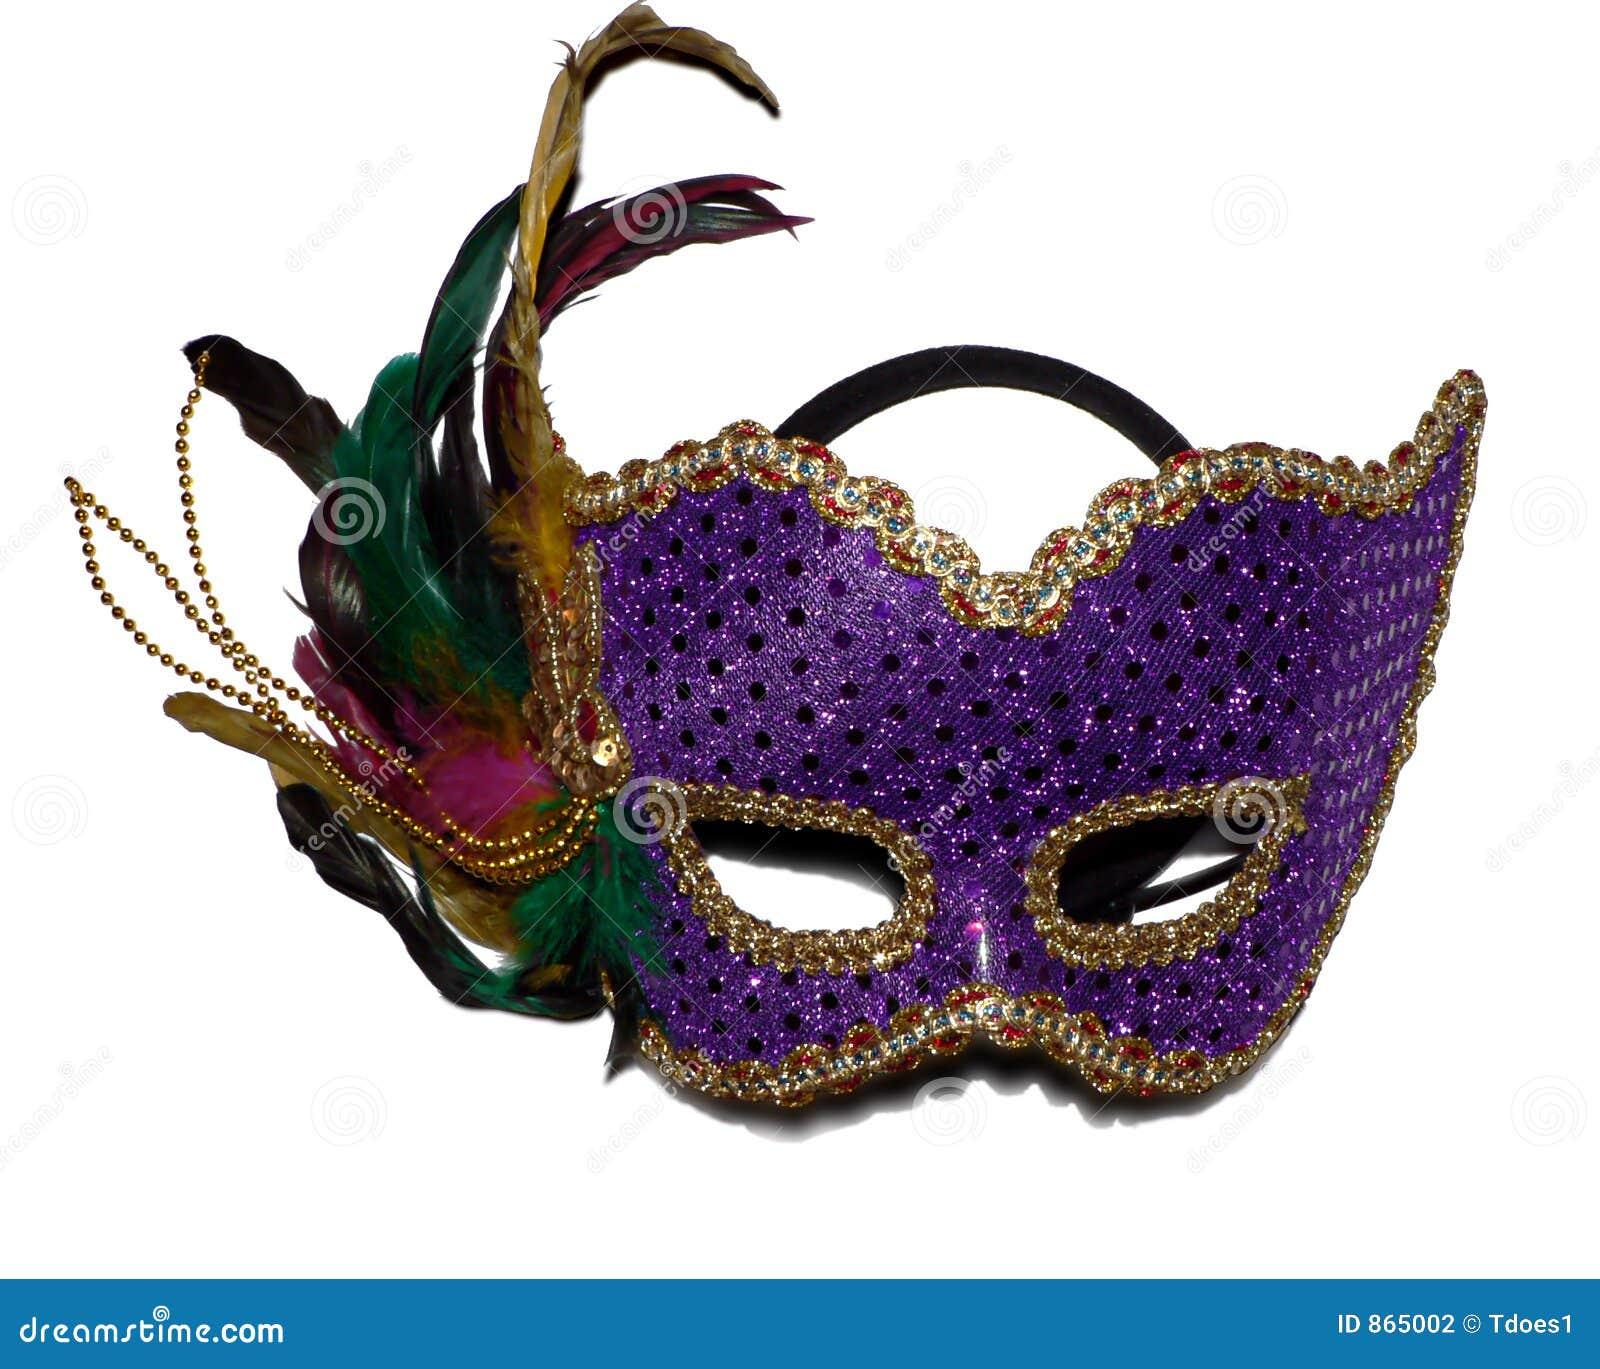 Brazilian Carnival Masks For Cake Ideas